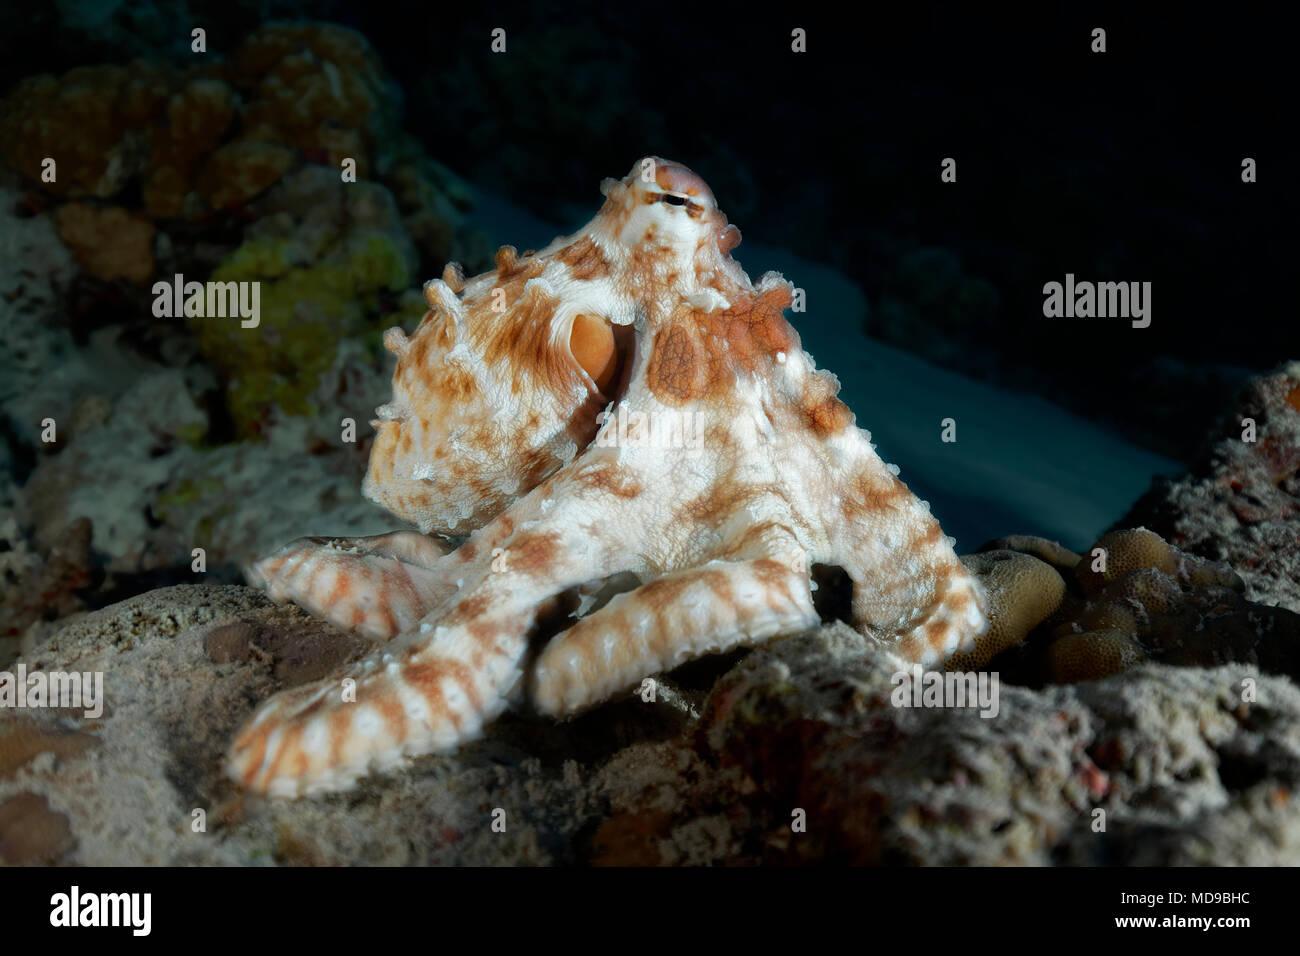 El Pulpo común (Octopus vulgaris), en la noche, el Océano Índico, Maldivas Imagen De Stock